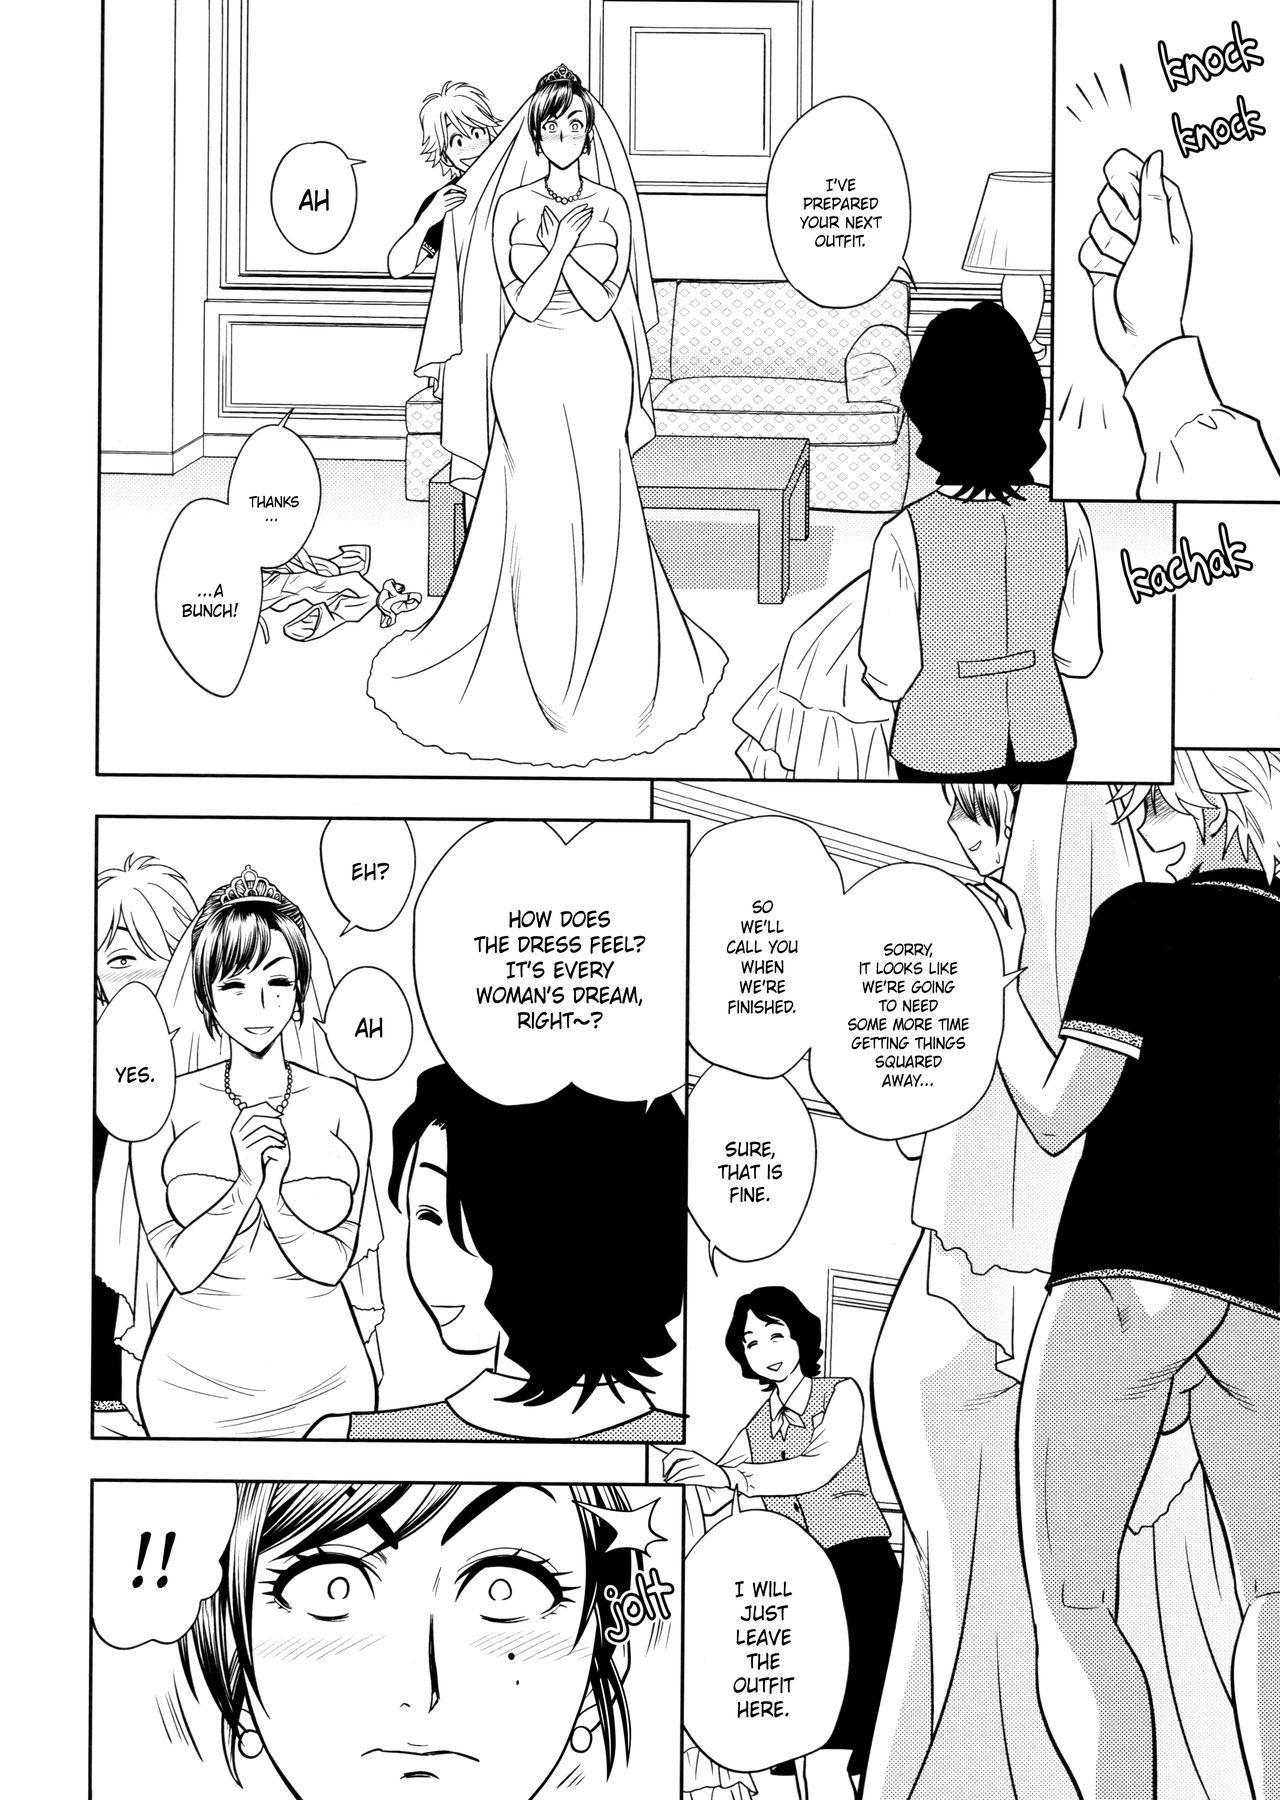 [Tatsunami Youtoku, Yamazaki Masato] Bijin Henshuu-chou no Himitsu | Beautiful Editor-in-Chief's Secret Ch. 1-7 [English] [Forbiddenfetish77, Red Vodka, Crystalium, CEDR777] [Decensored] 93